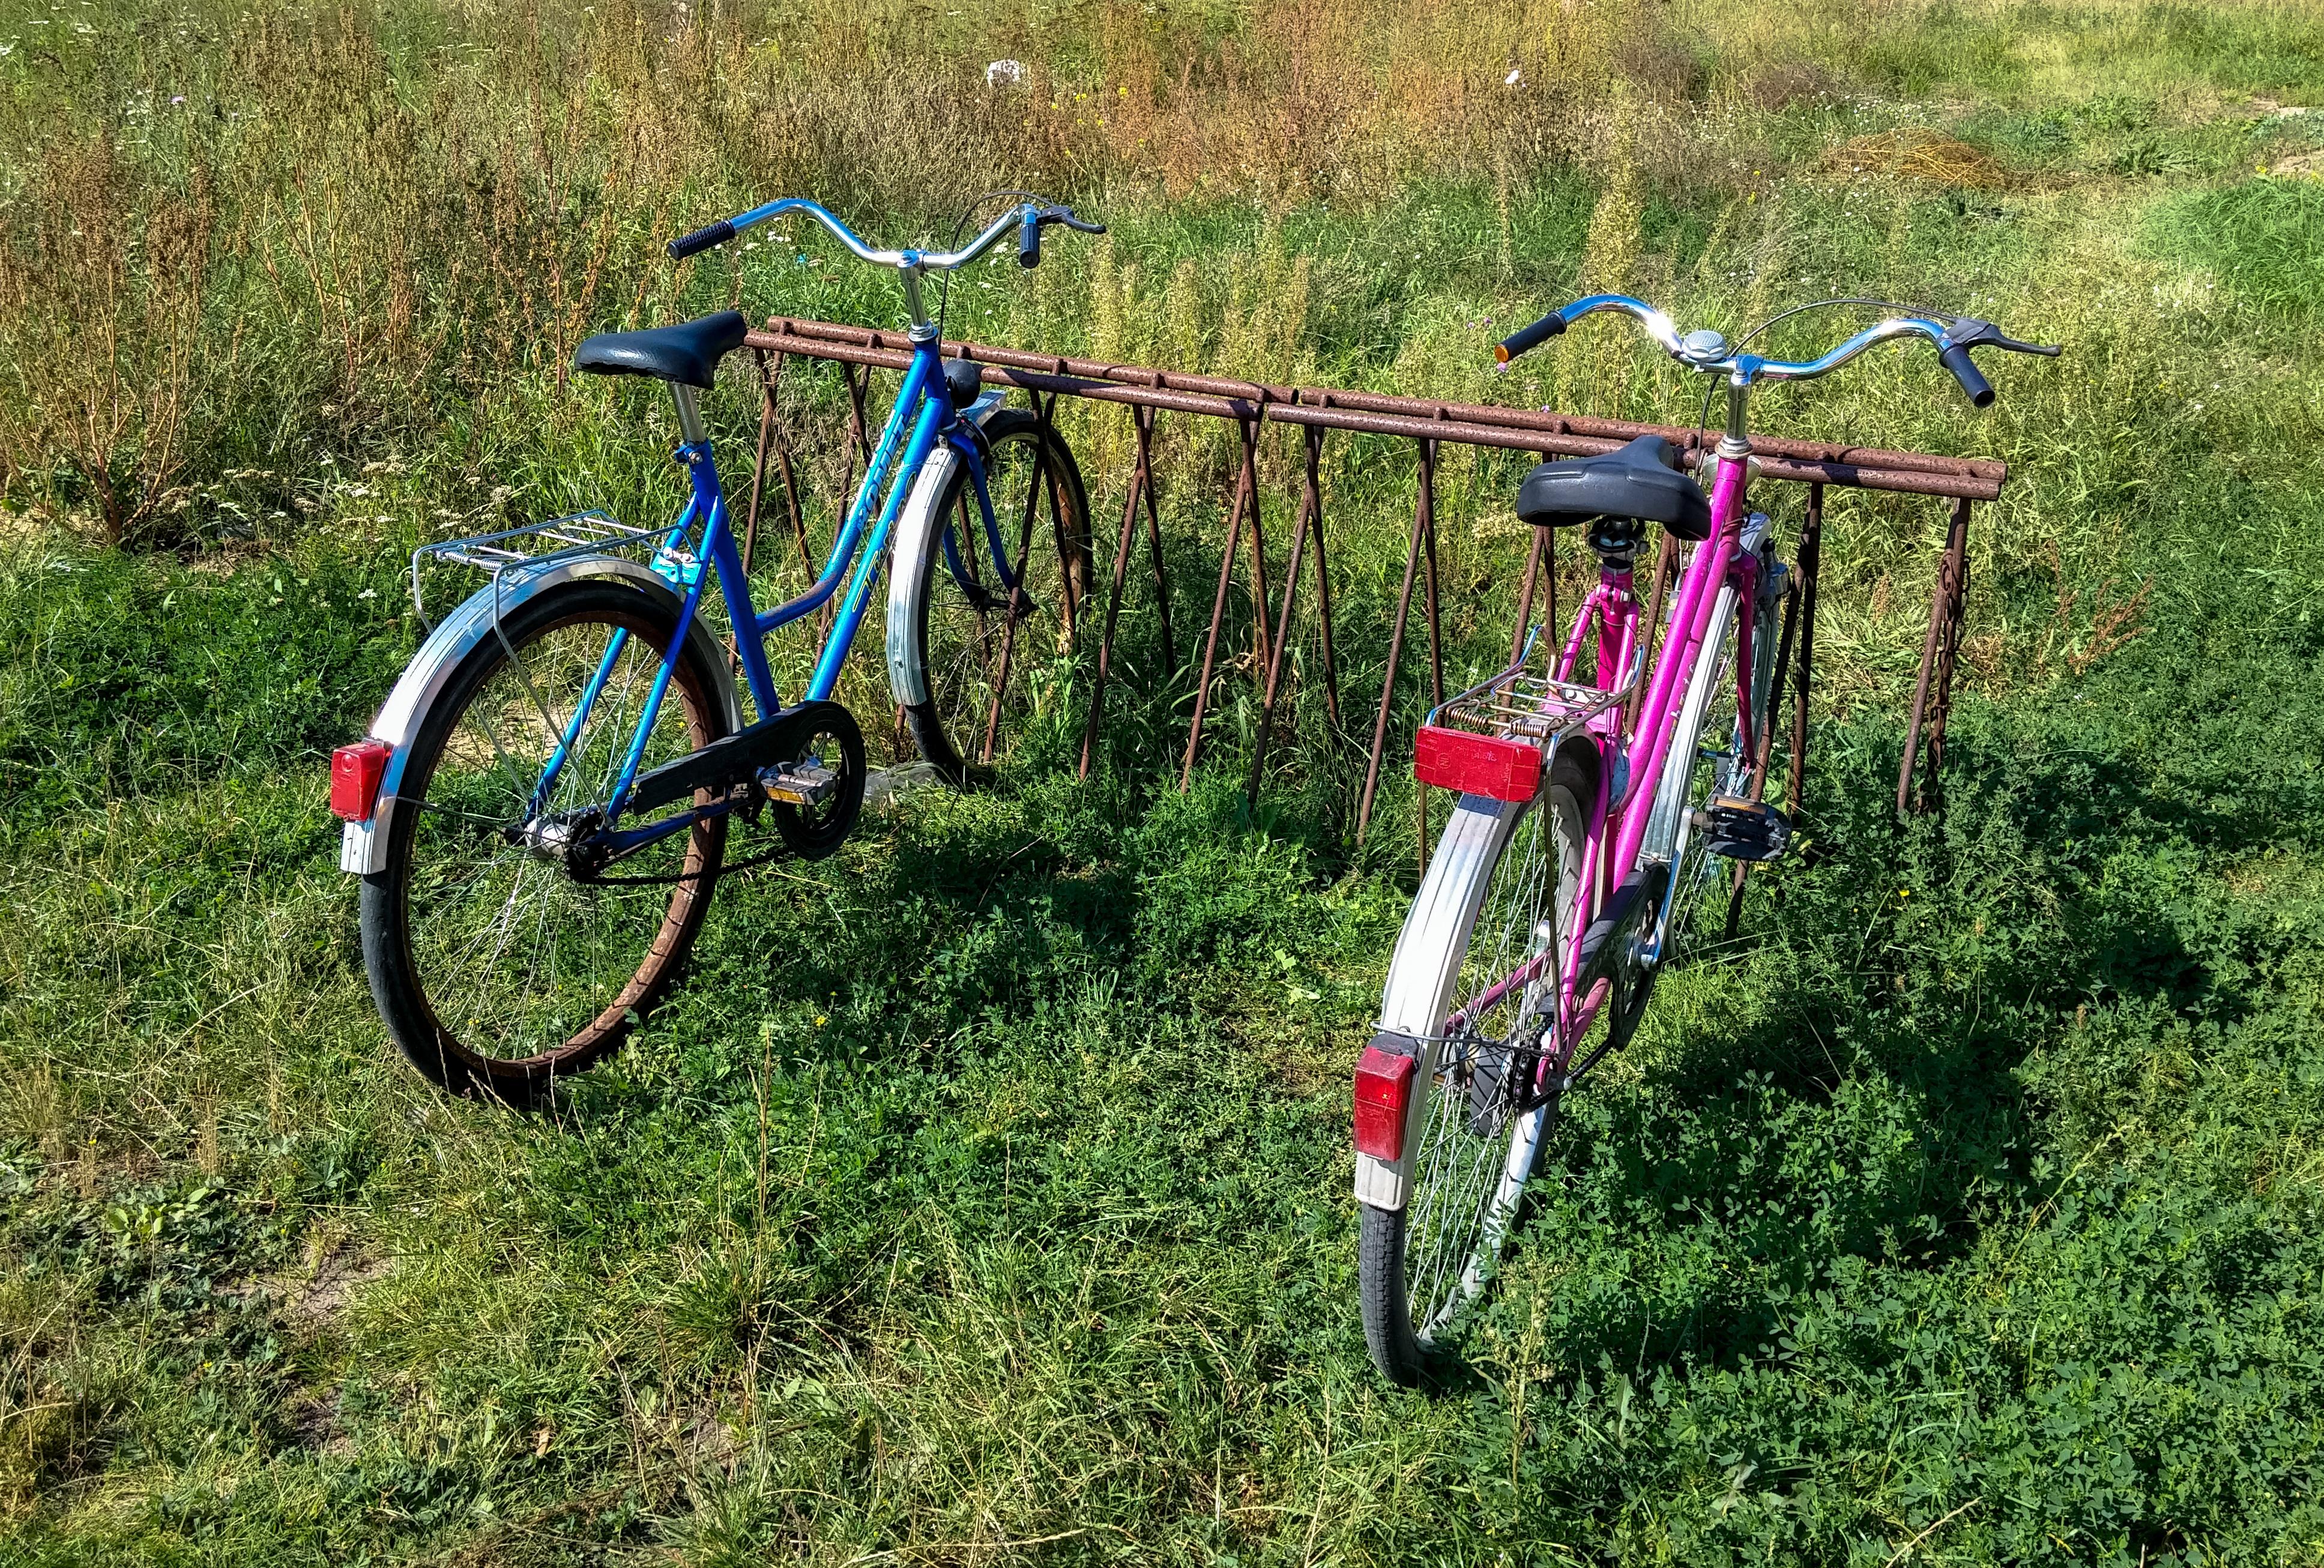 Kostenlose foto : Gras, alt, Fahrzeug, Urlaub, Boden, blau, Gestell ...